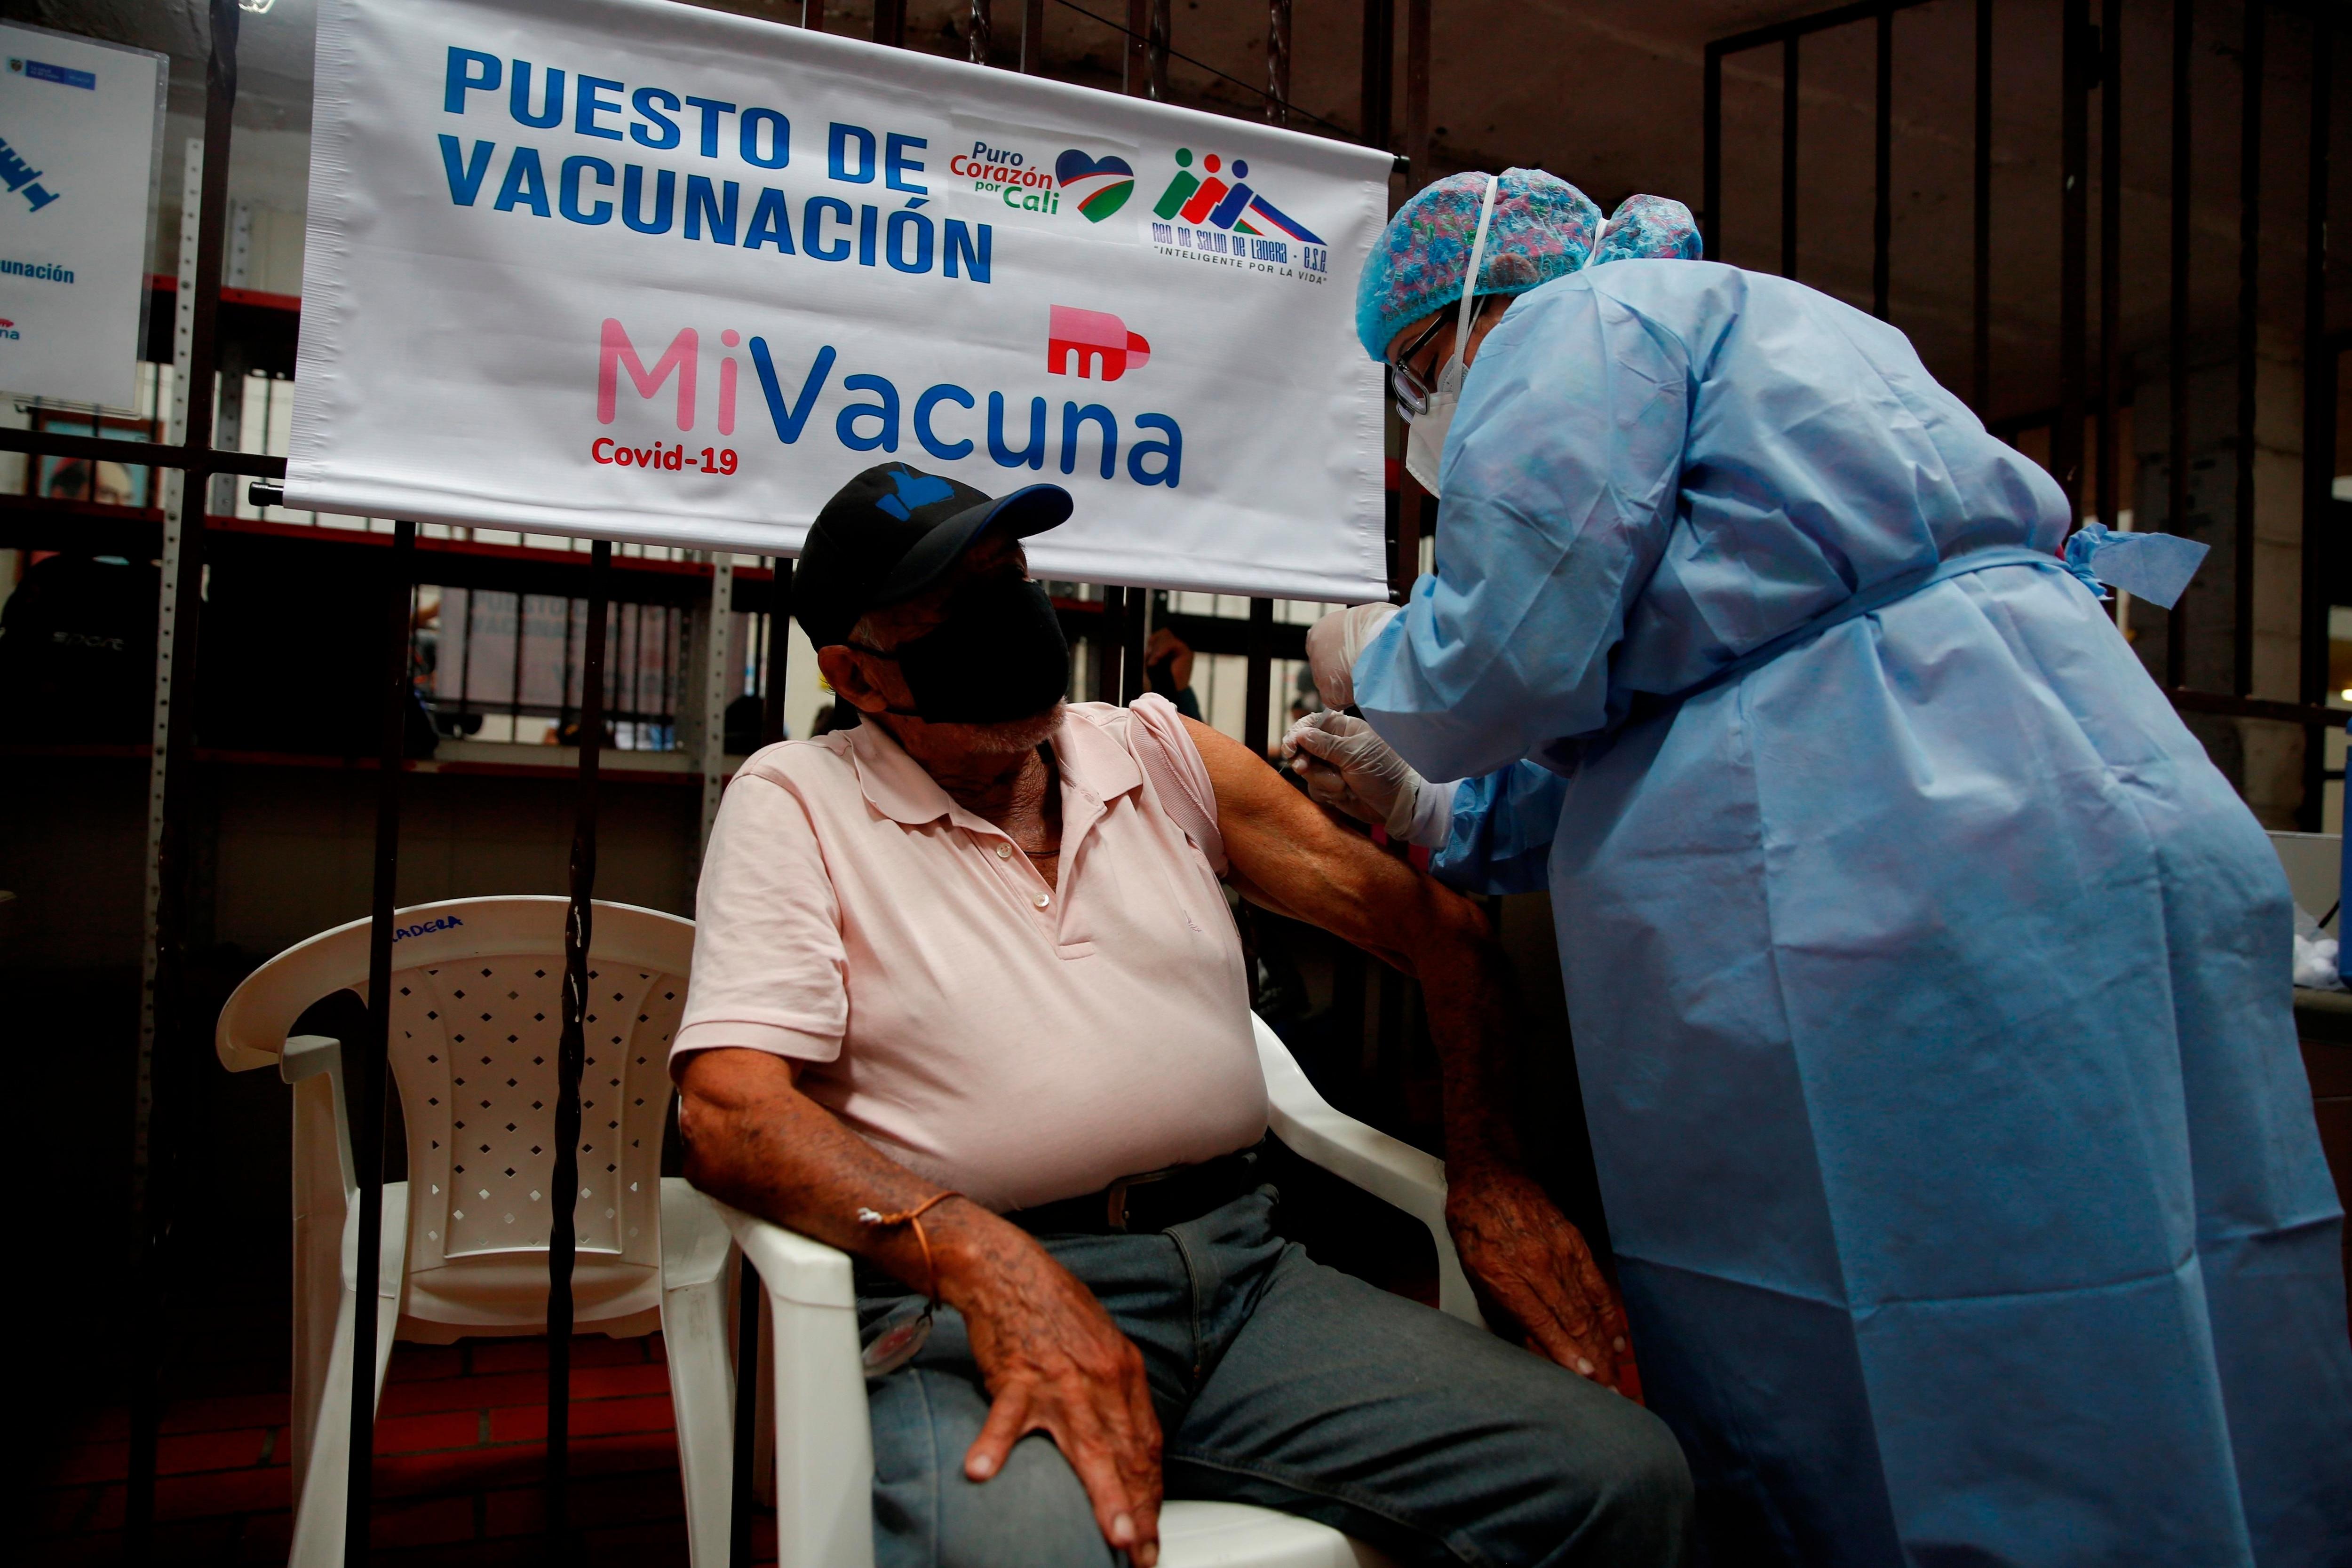 Un adulto mayor de 80 años y habitante de calle fue registrado este miércoles al recibir la vacuna contra la covid-19, en el centro de atención Samaritanos de la Calle, en Cali (Colombia). EFE/Ernesto Guzmán Jr